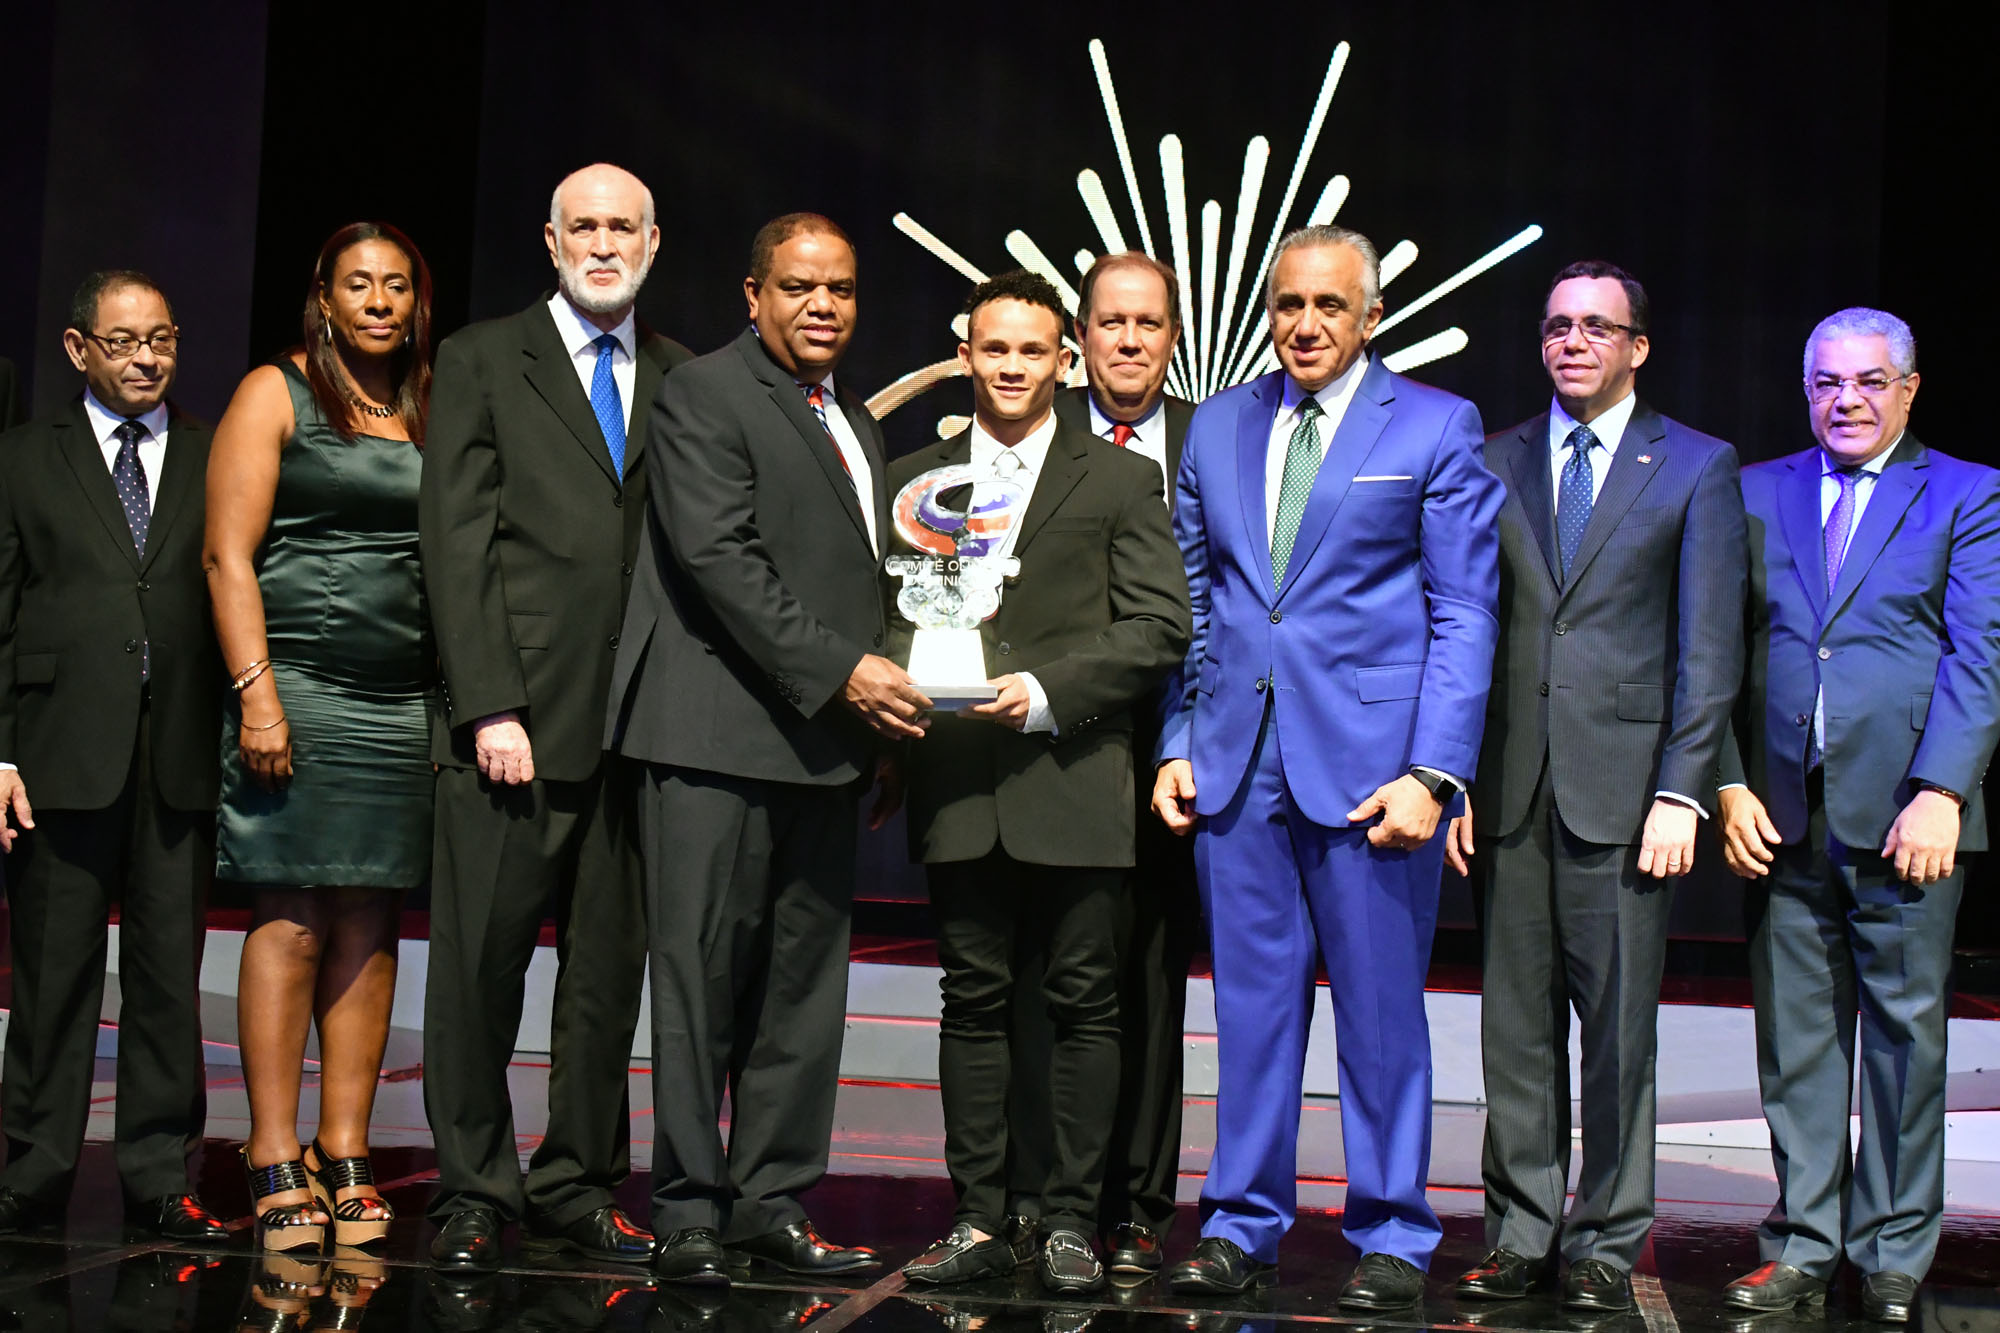 Audrys Nin Reyes es electo Atleta del Año en Gala Olímpica 2018